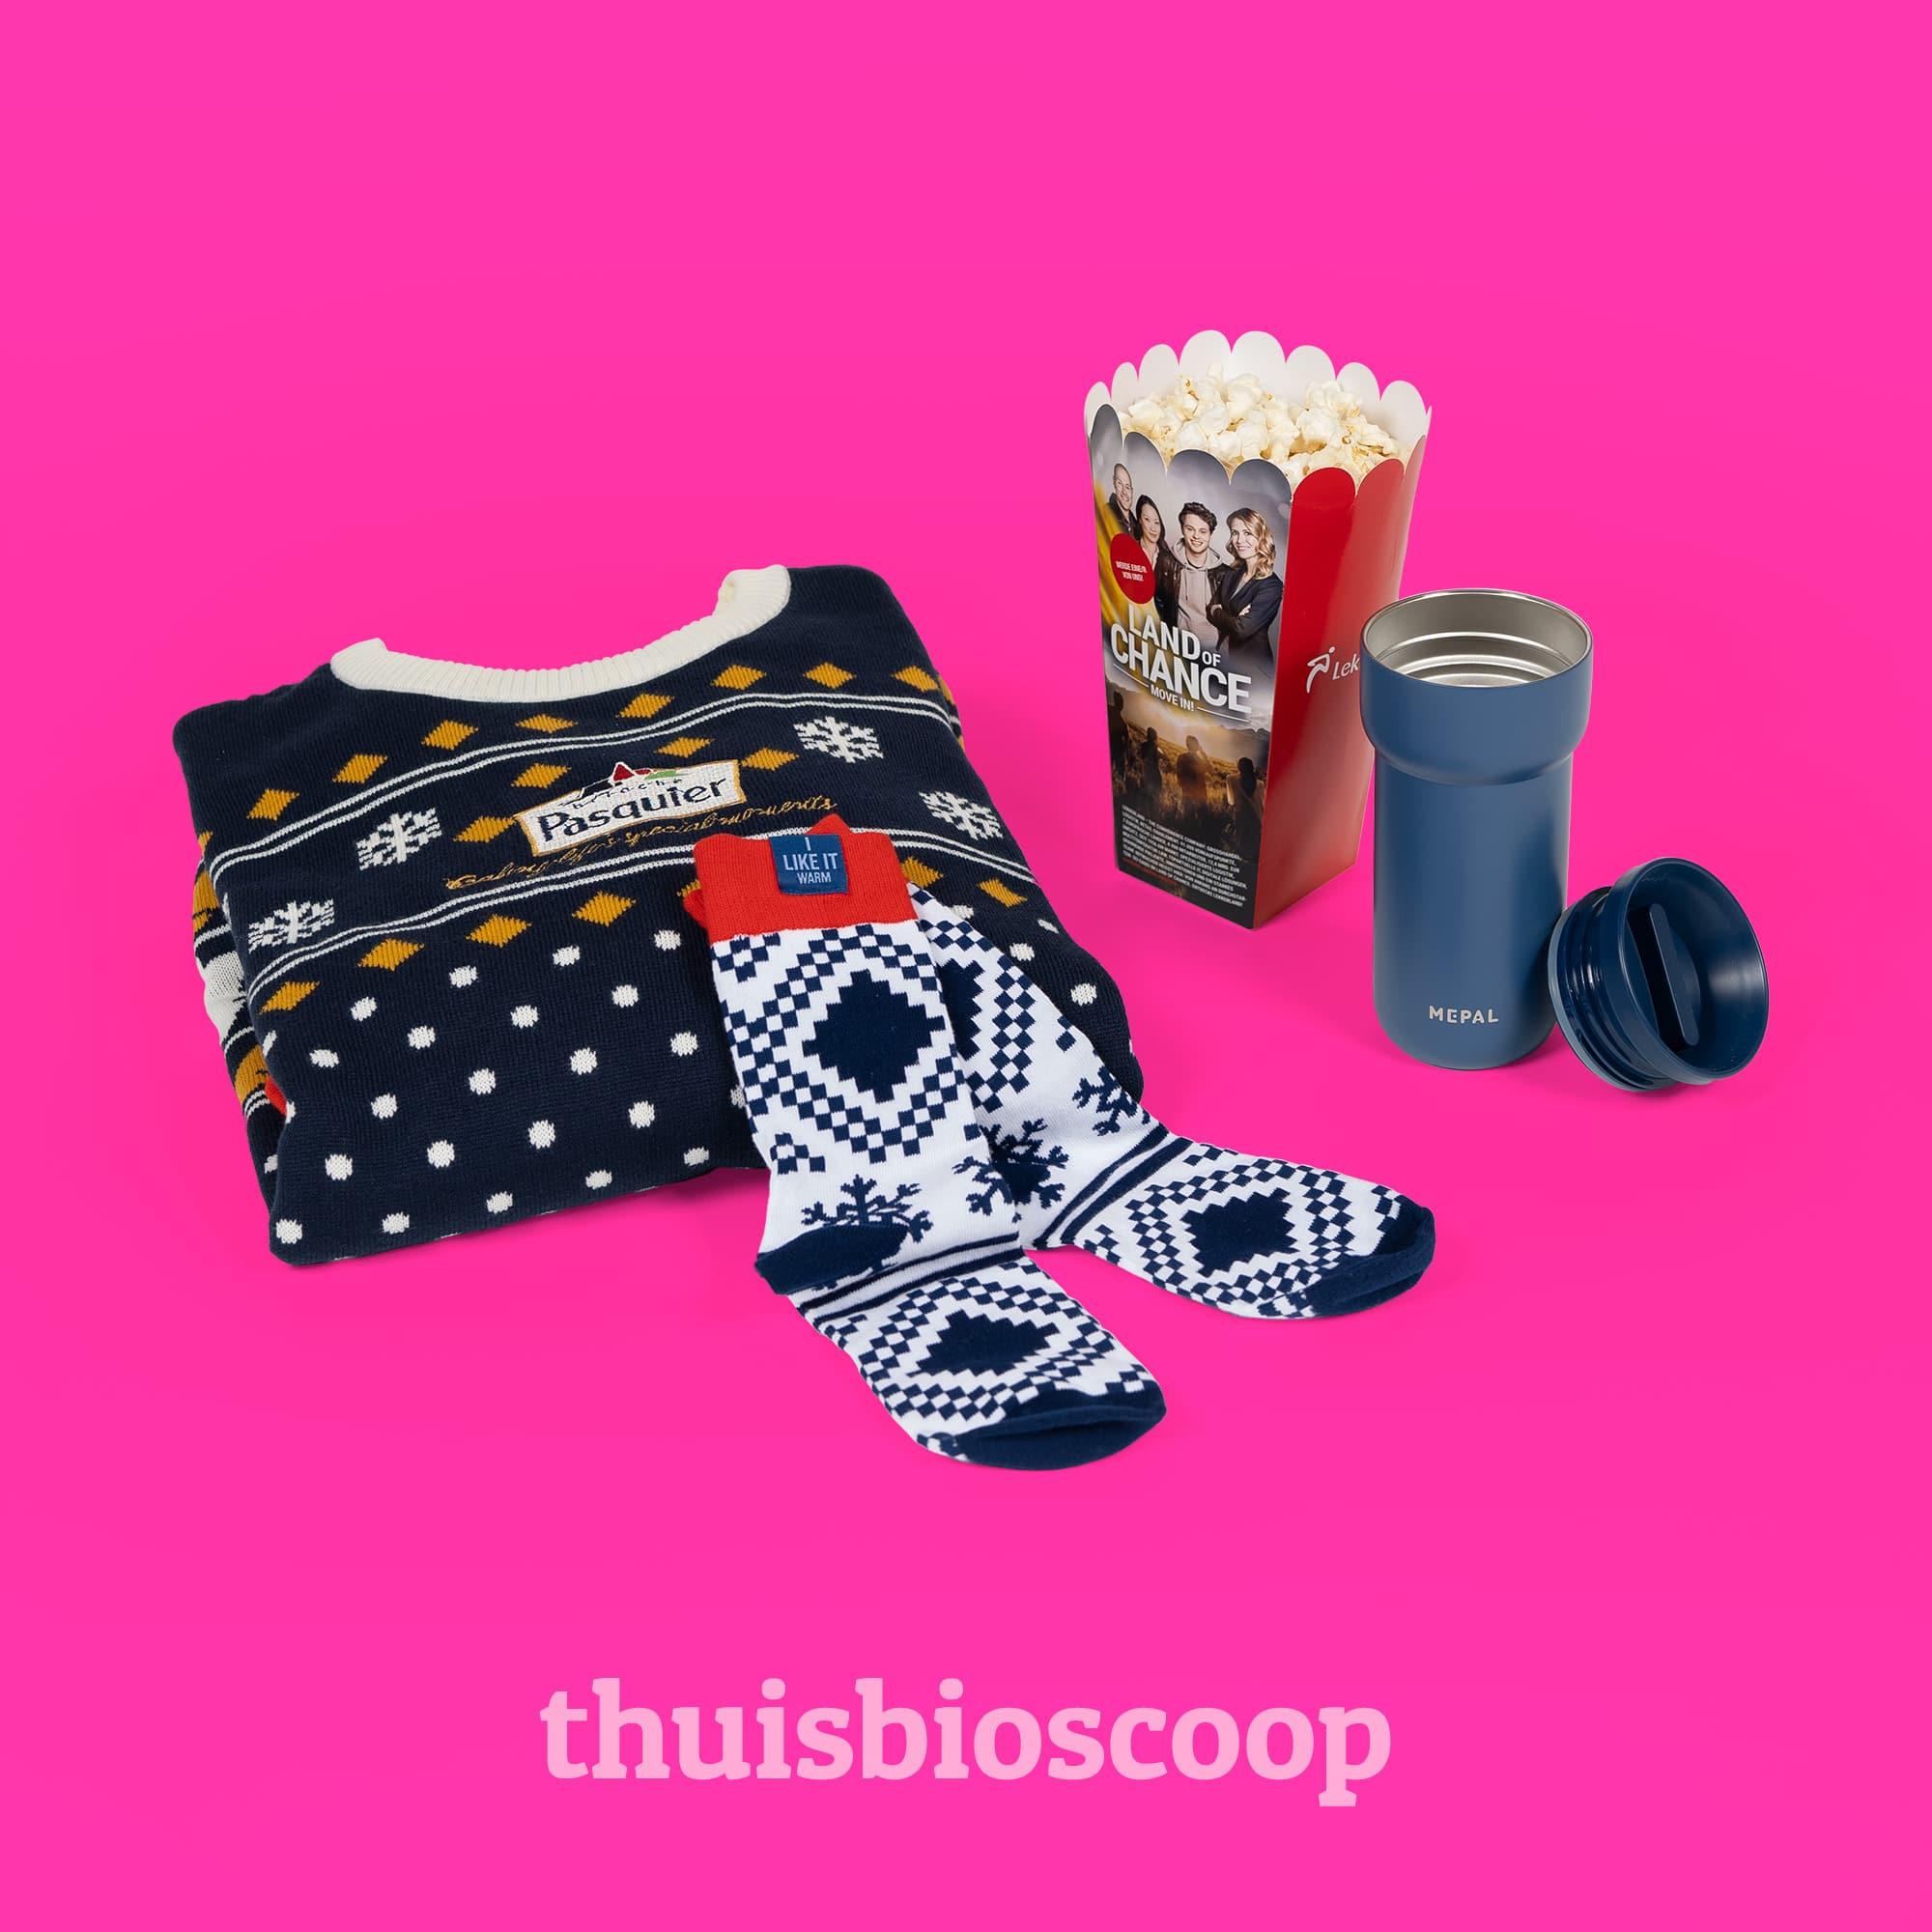 Thuisbioscoop kerstpakket l Pelster Promotions